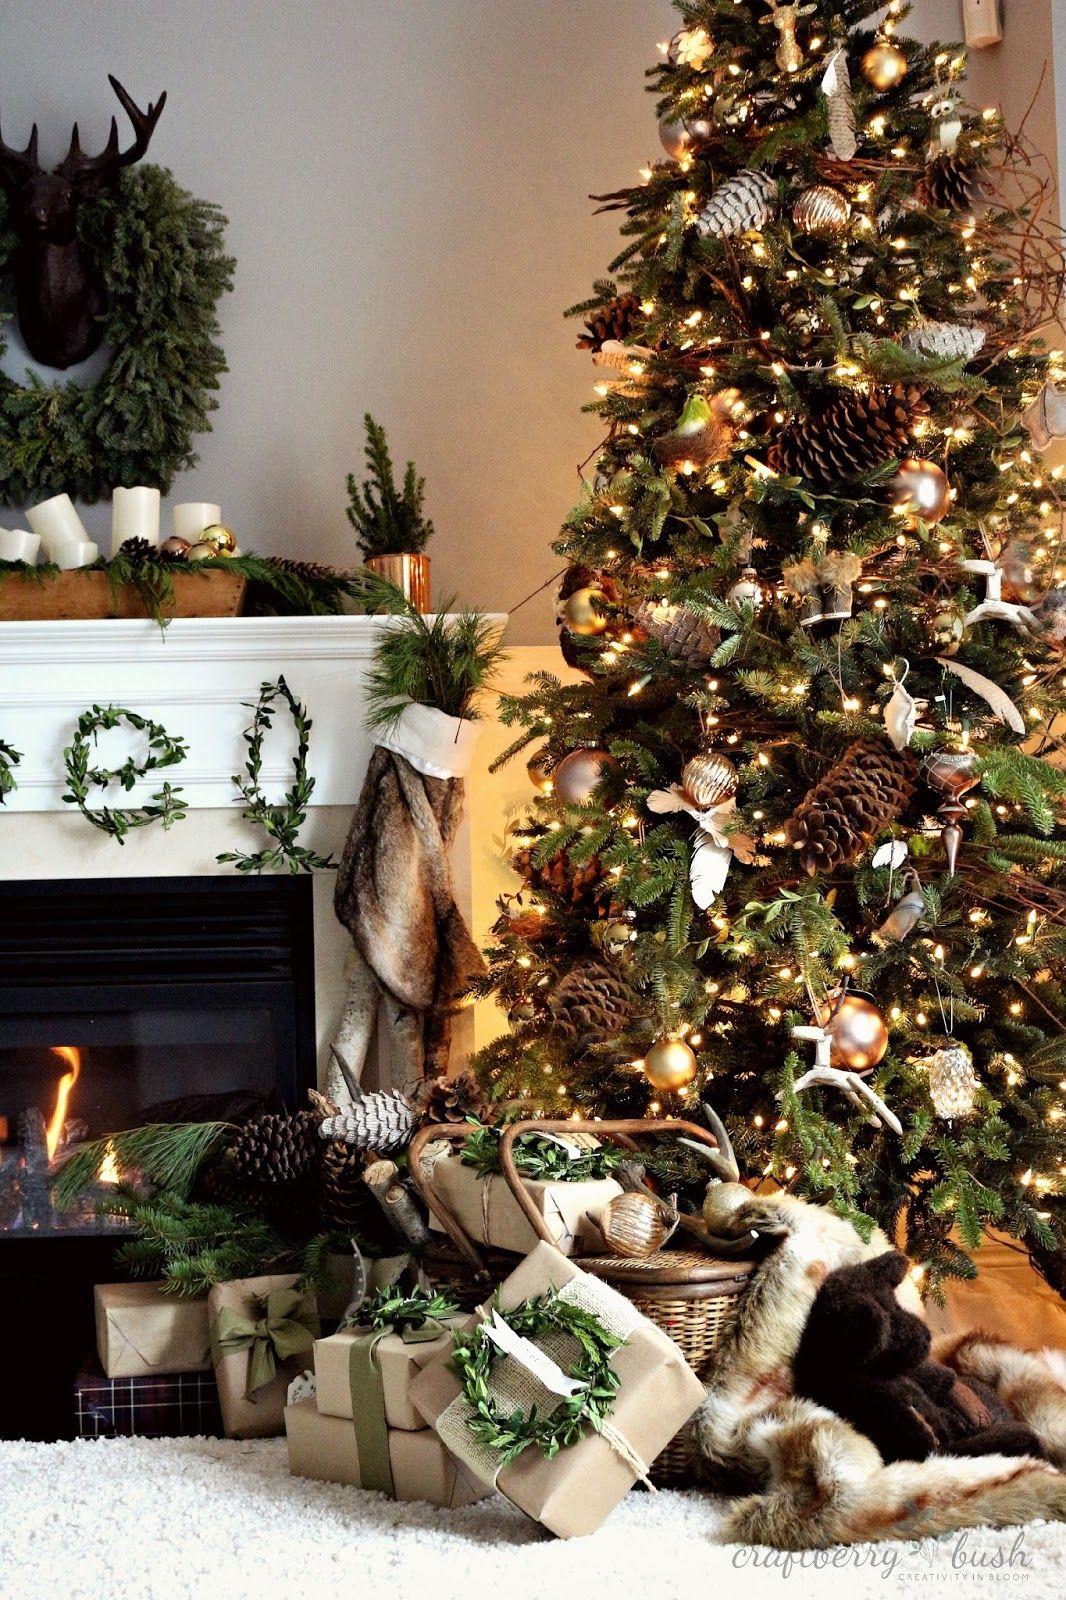 Een warme kerstboom maakt doormiddel van de aankleding een warm gevoel bij vele mensen waardoor er een kans op vrolijkheid is.